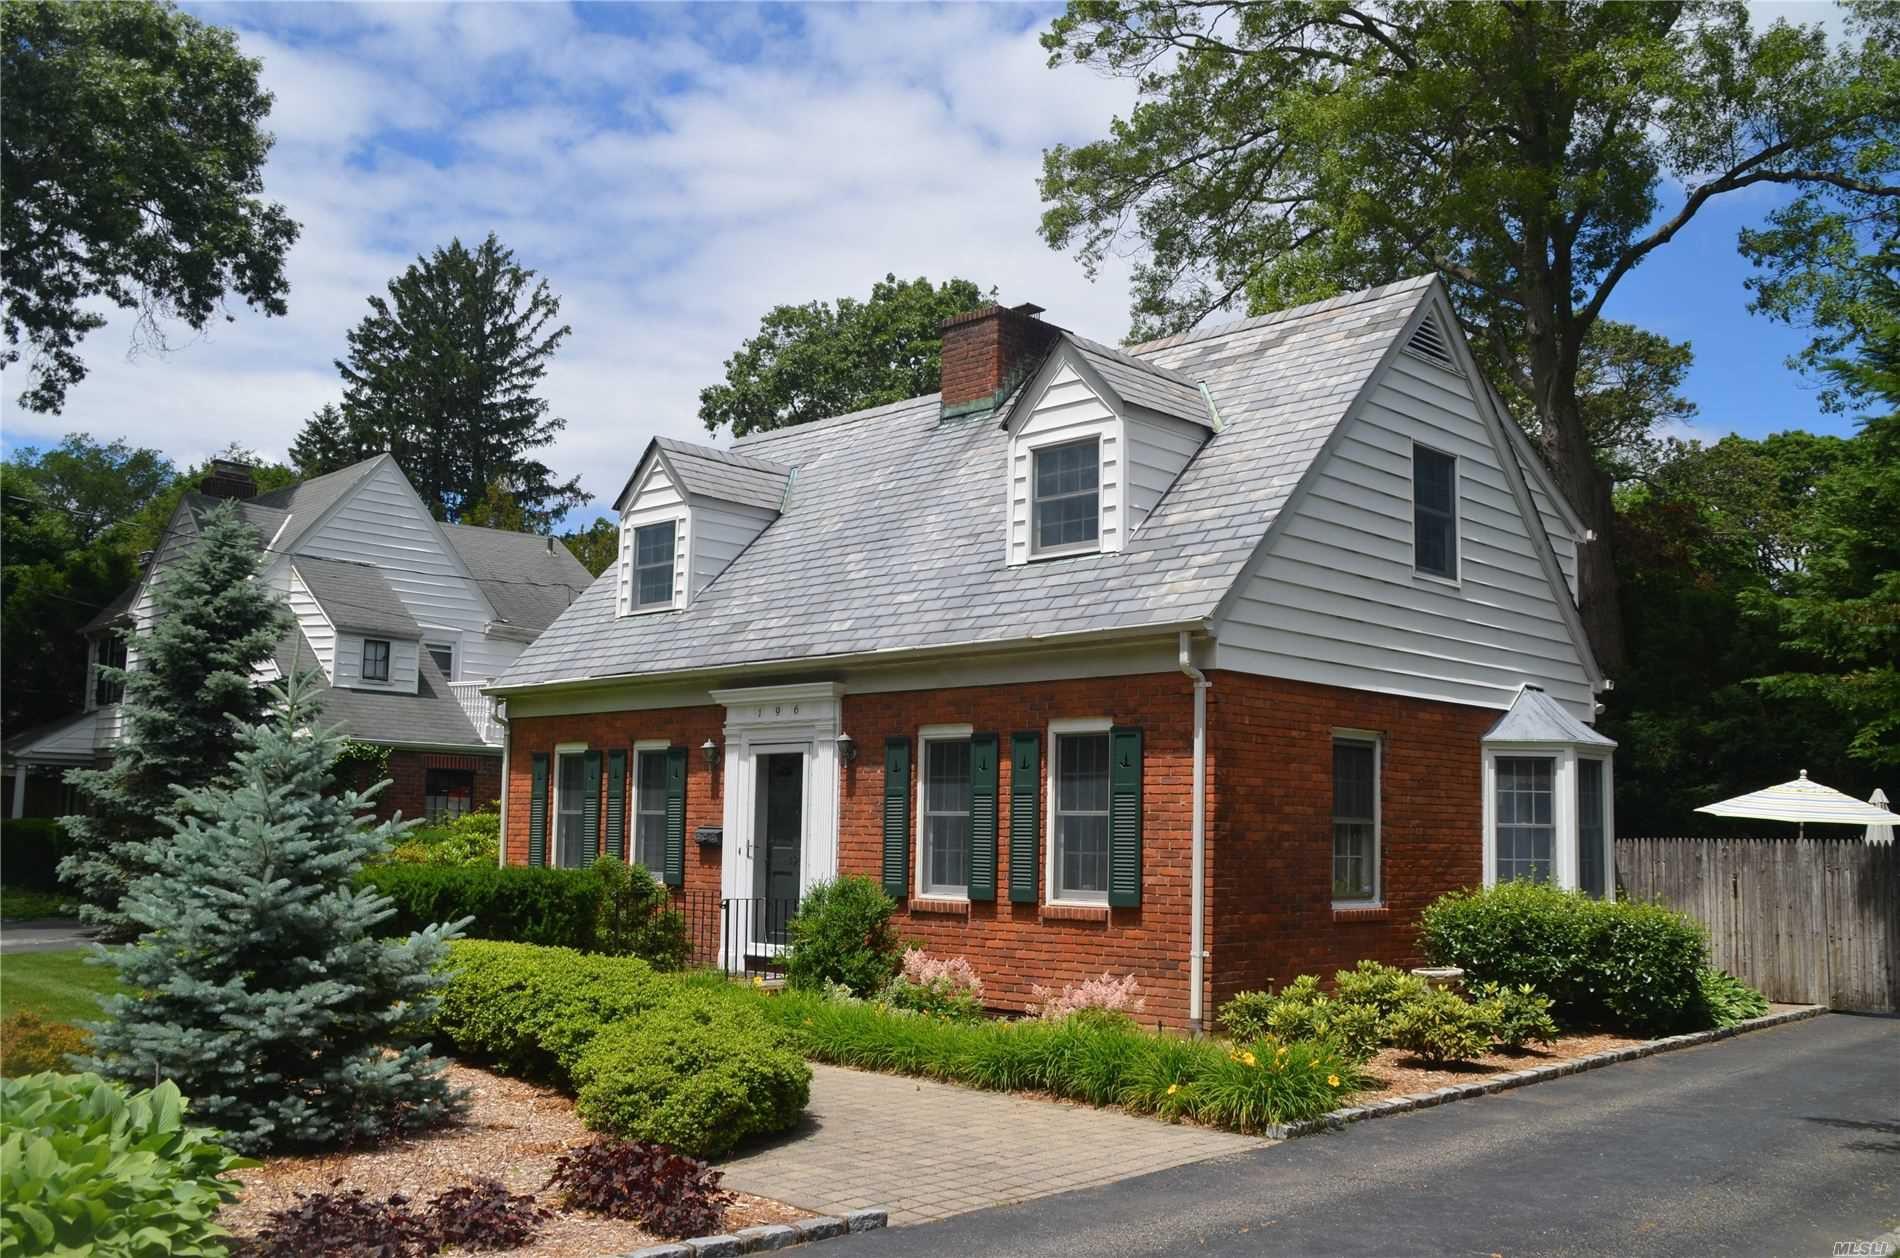 196 Prince Ave, Freeport, NY 11520 - 3 Bed, 2 Bath Single-Family Home - MLS  #3138511 - 20 Photos | Trulia